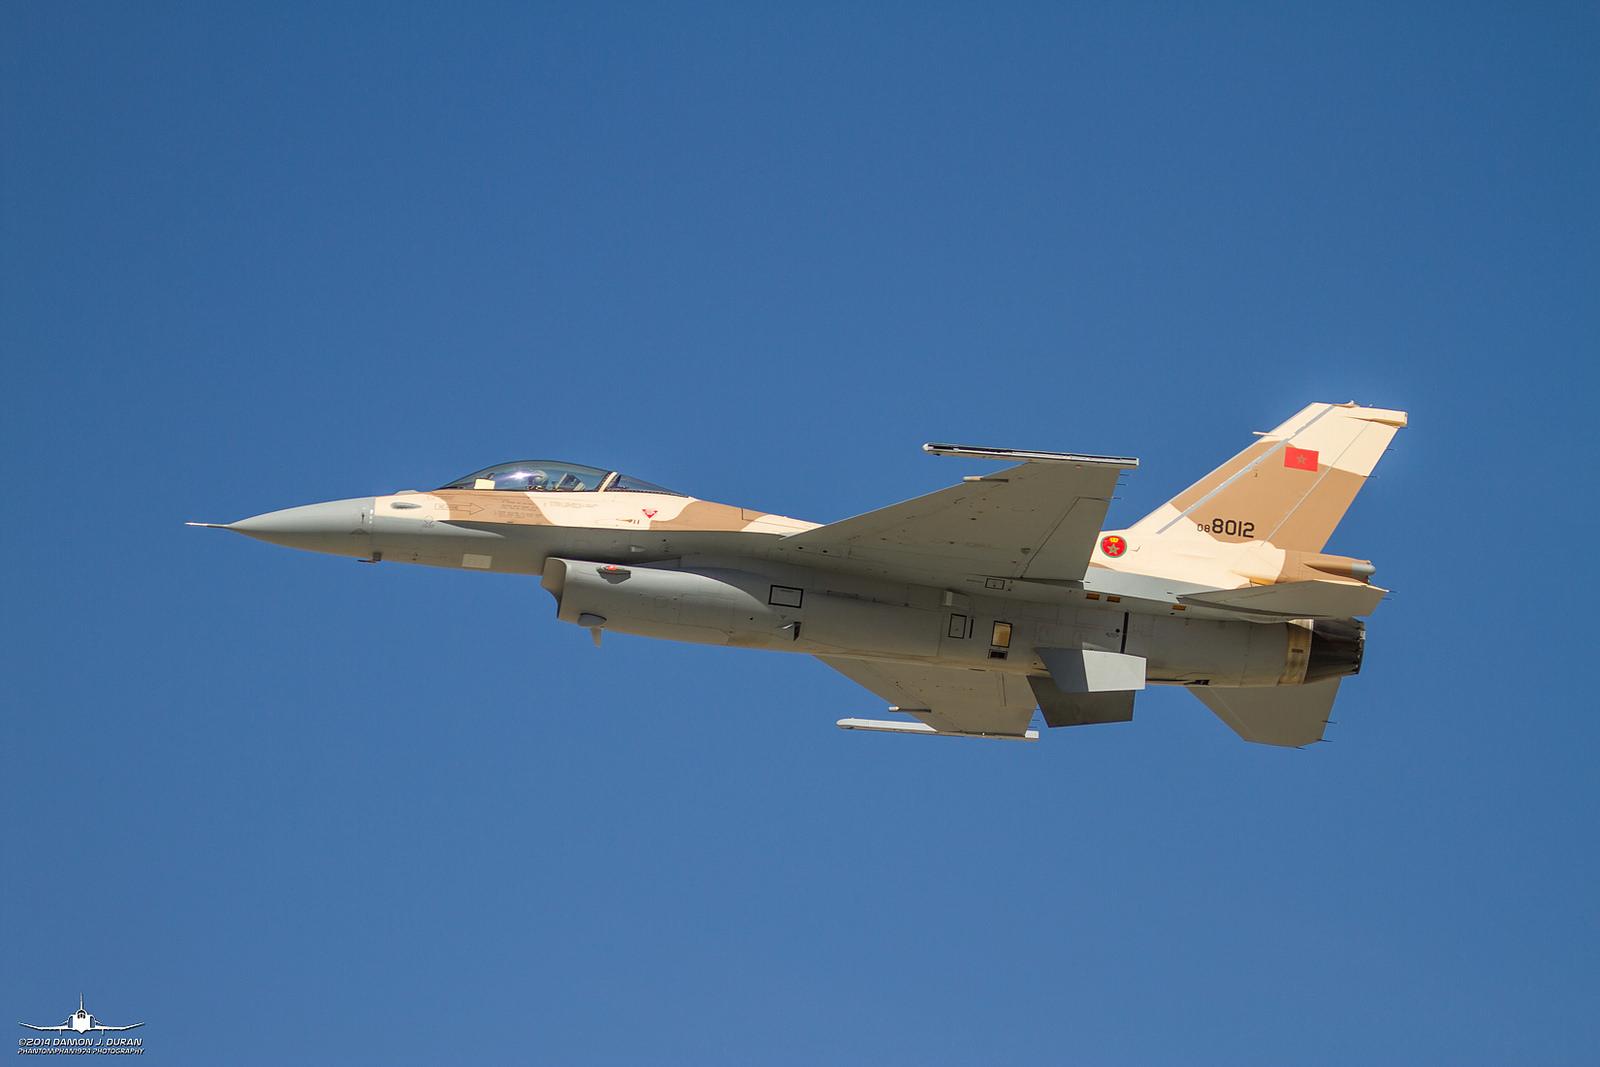 القوات الجوية الملكية المغربية - متجدد - 2716351537344934030d317e96fh